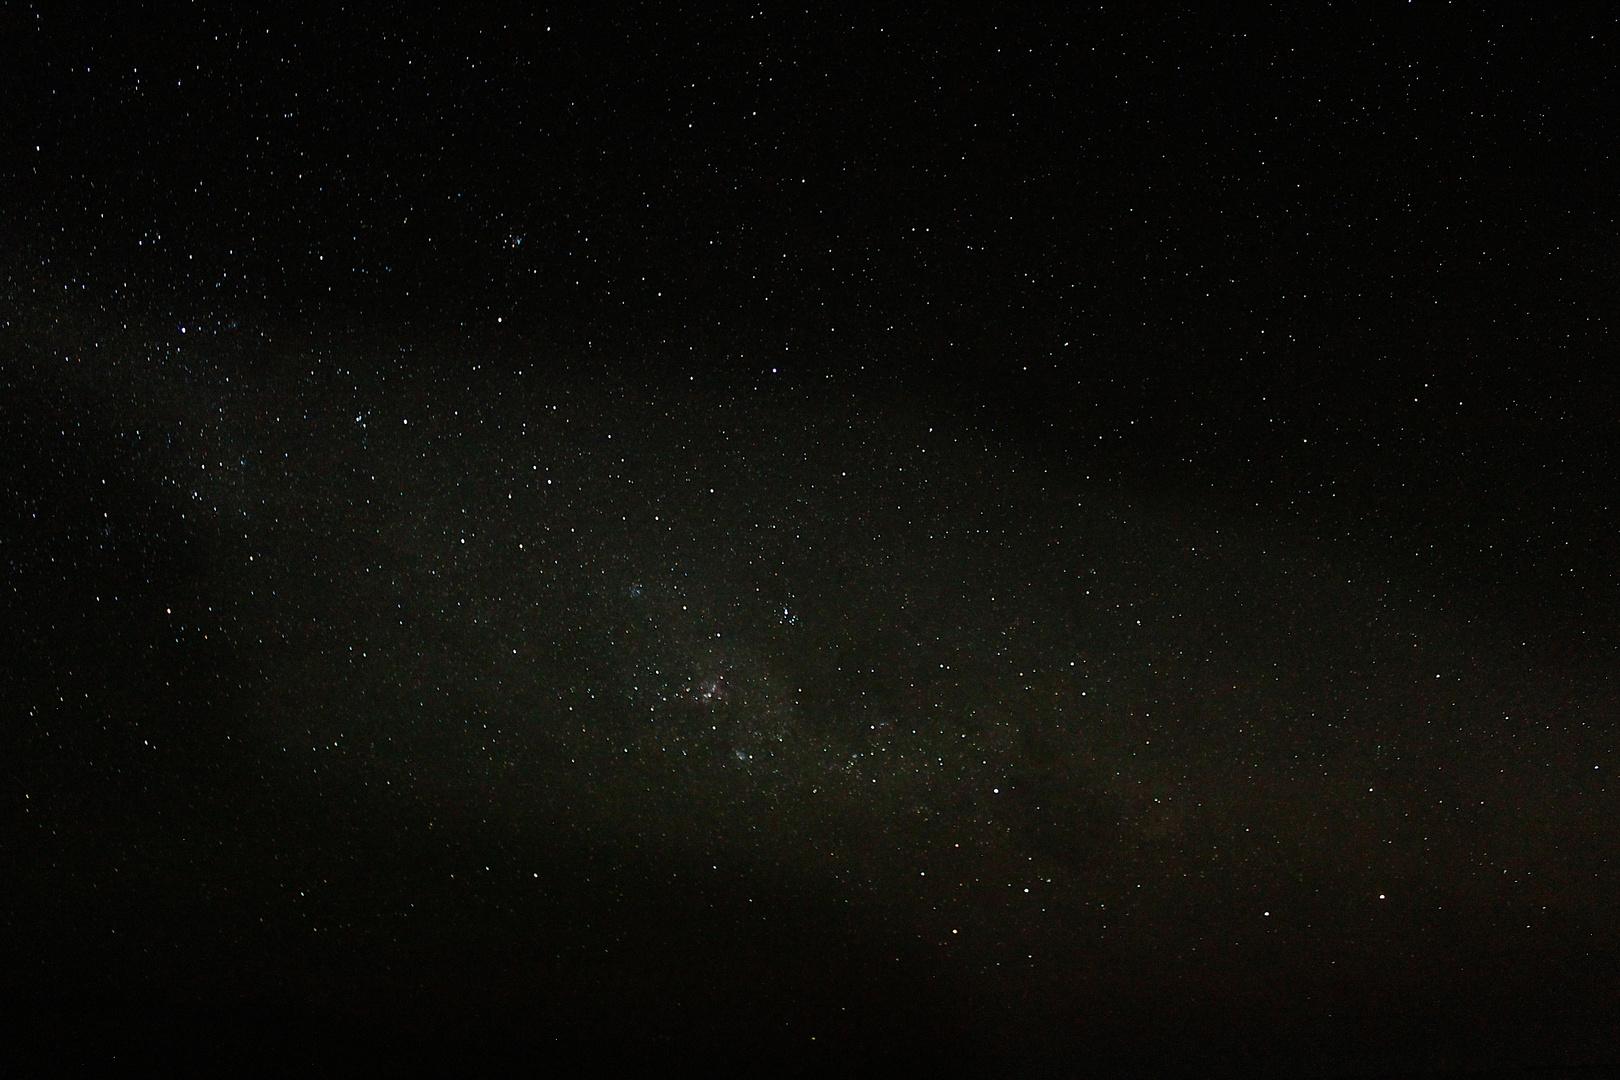 Südliche Milchstraße